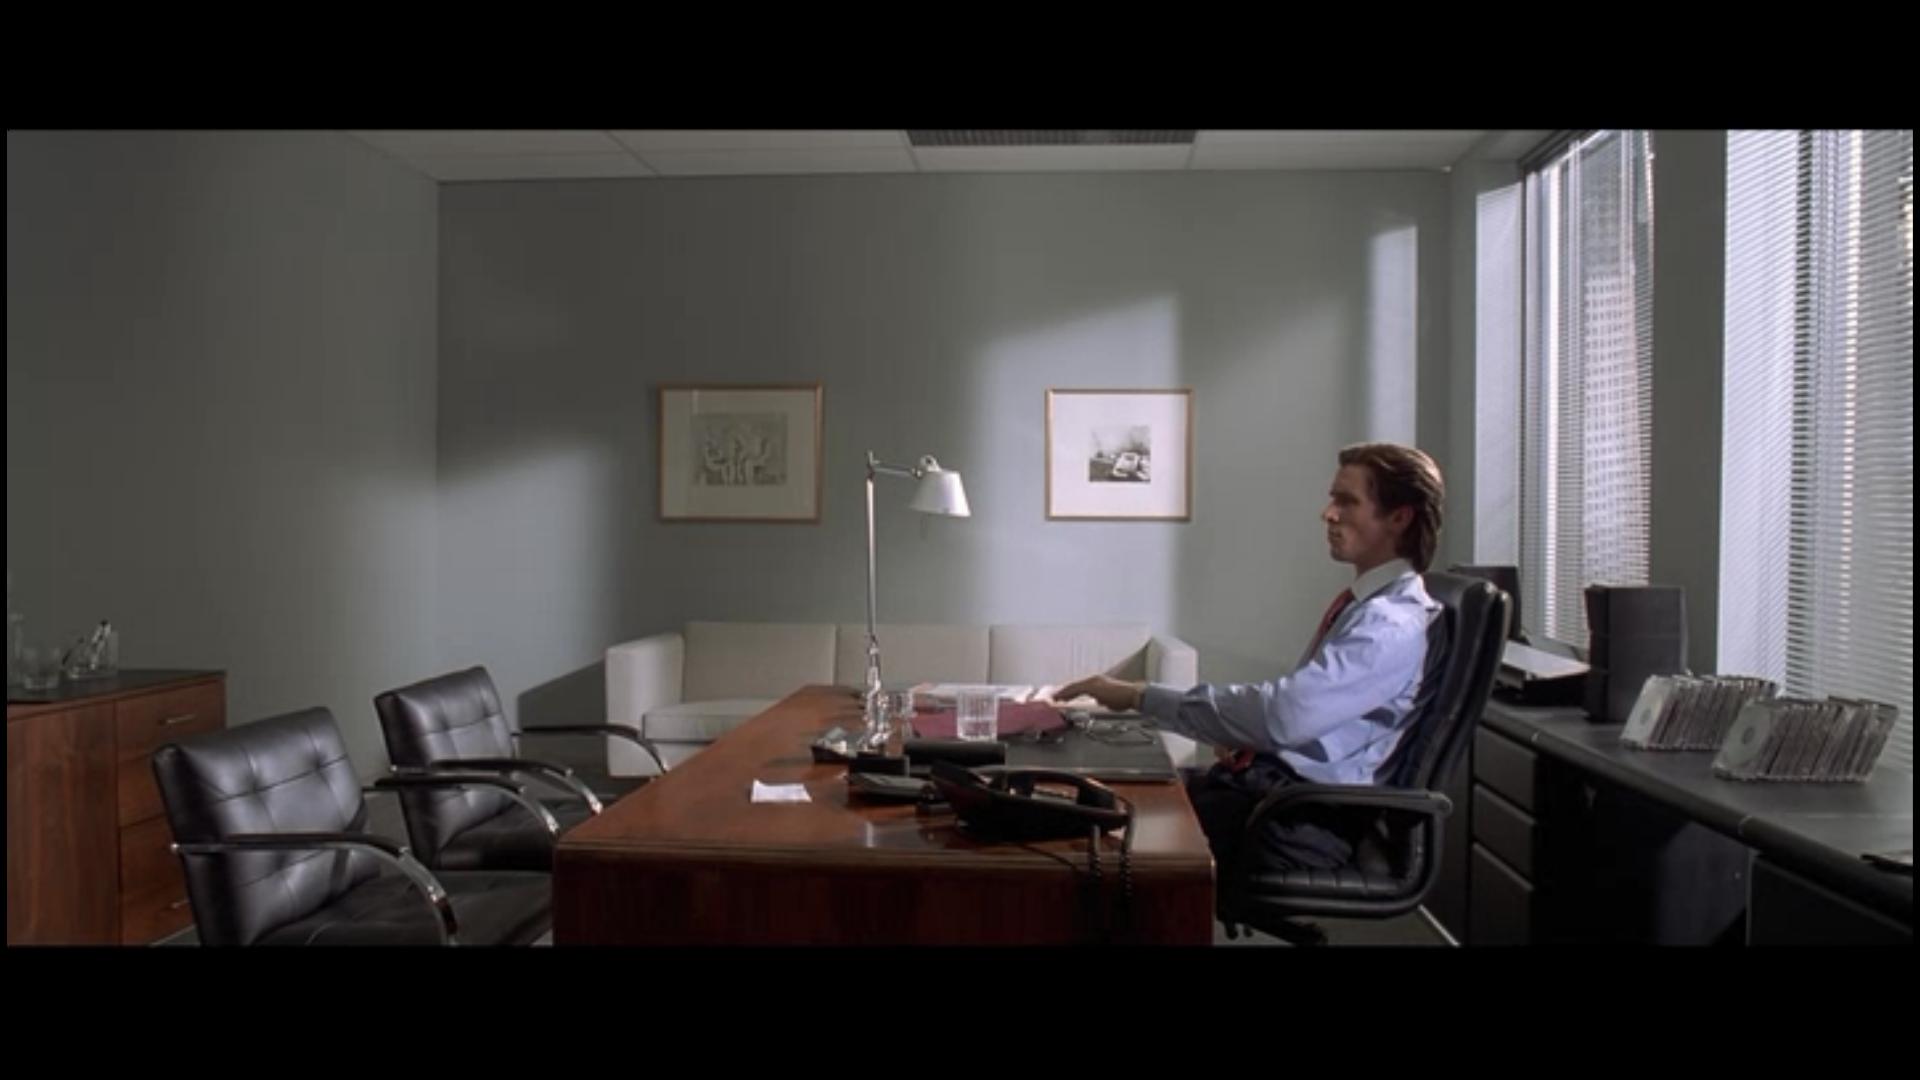 american-psycho-brno flat chair-ludwig van der rohe